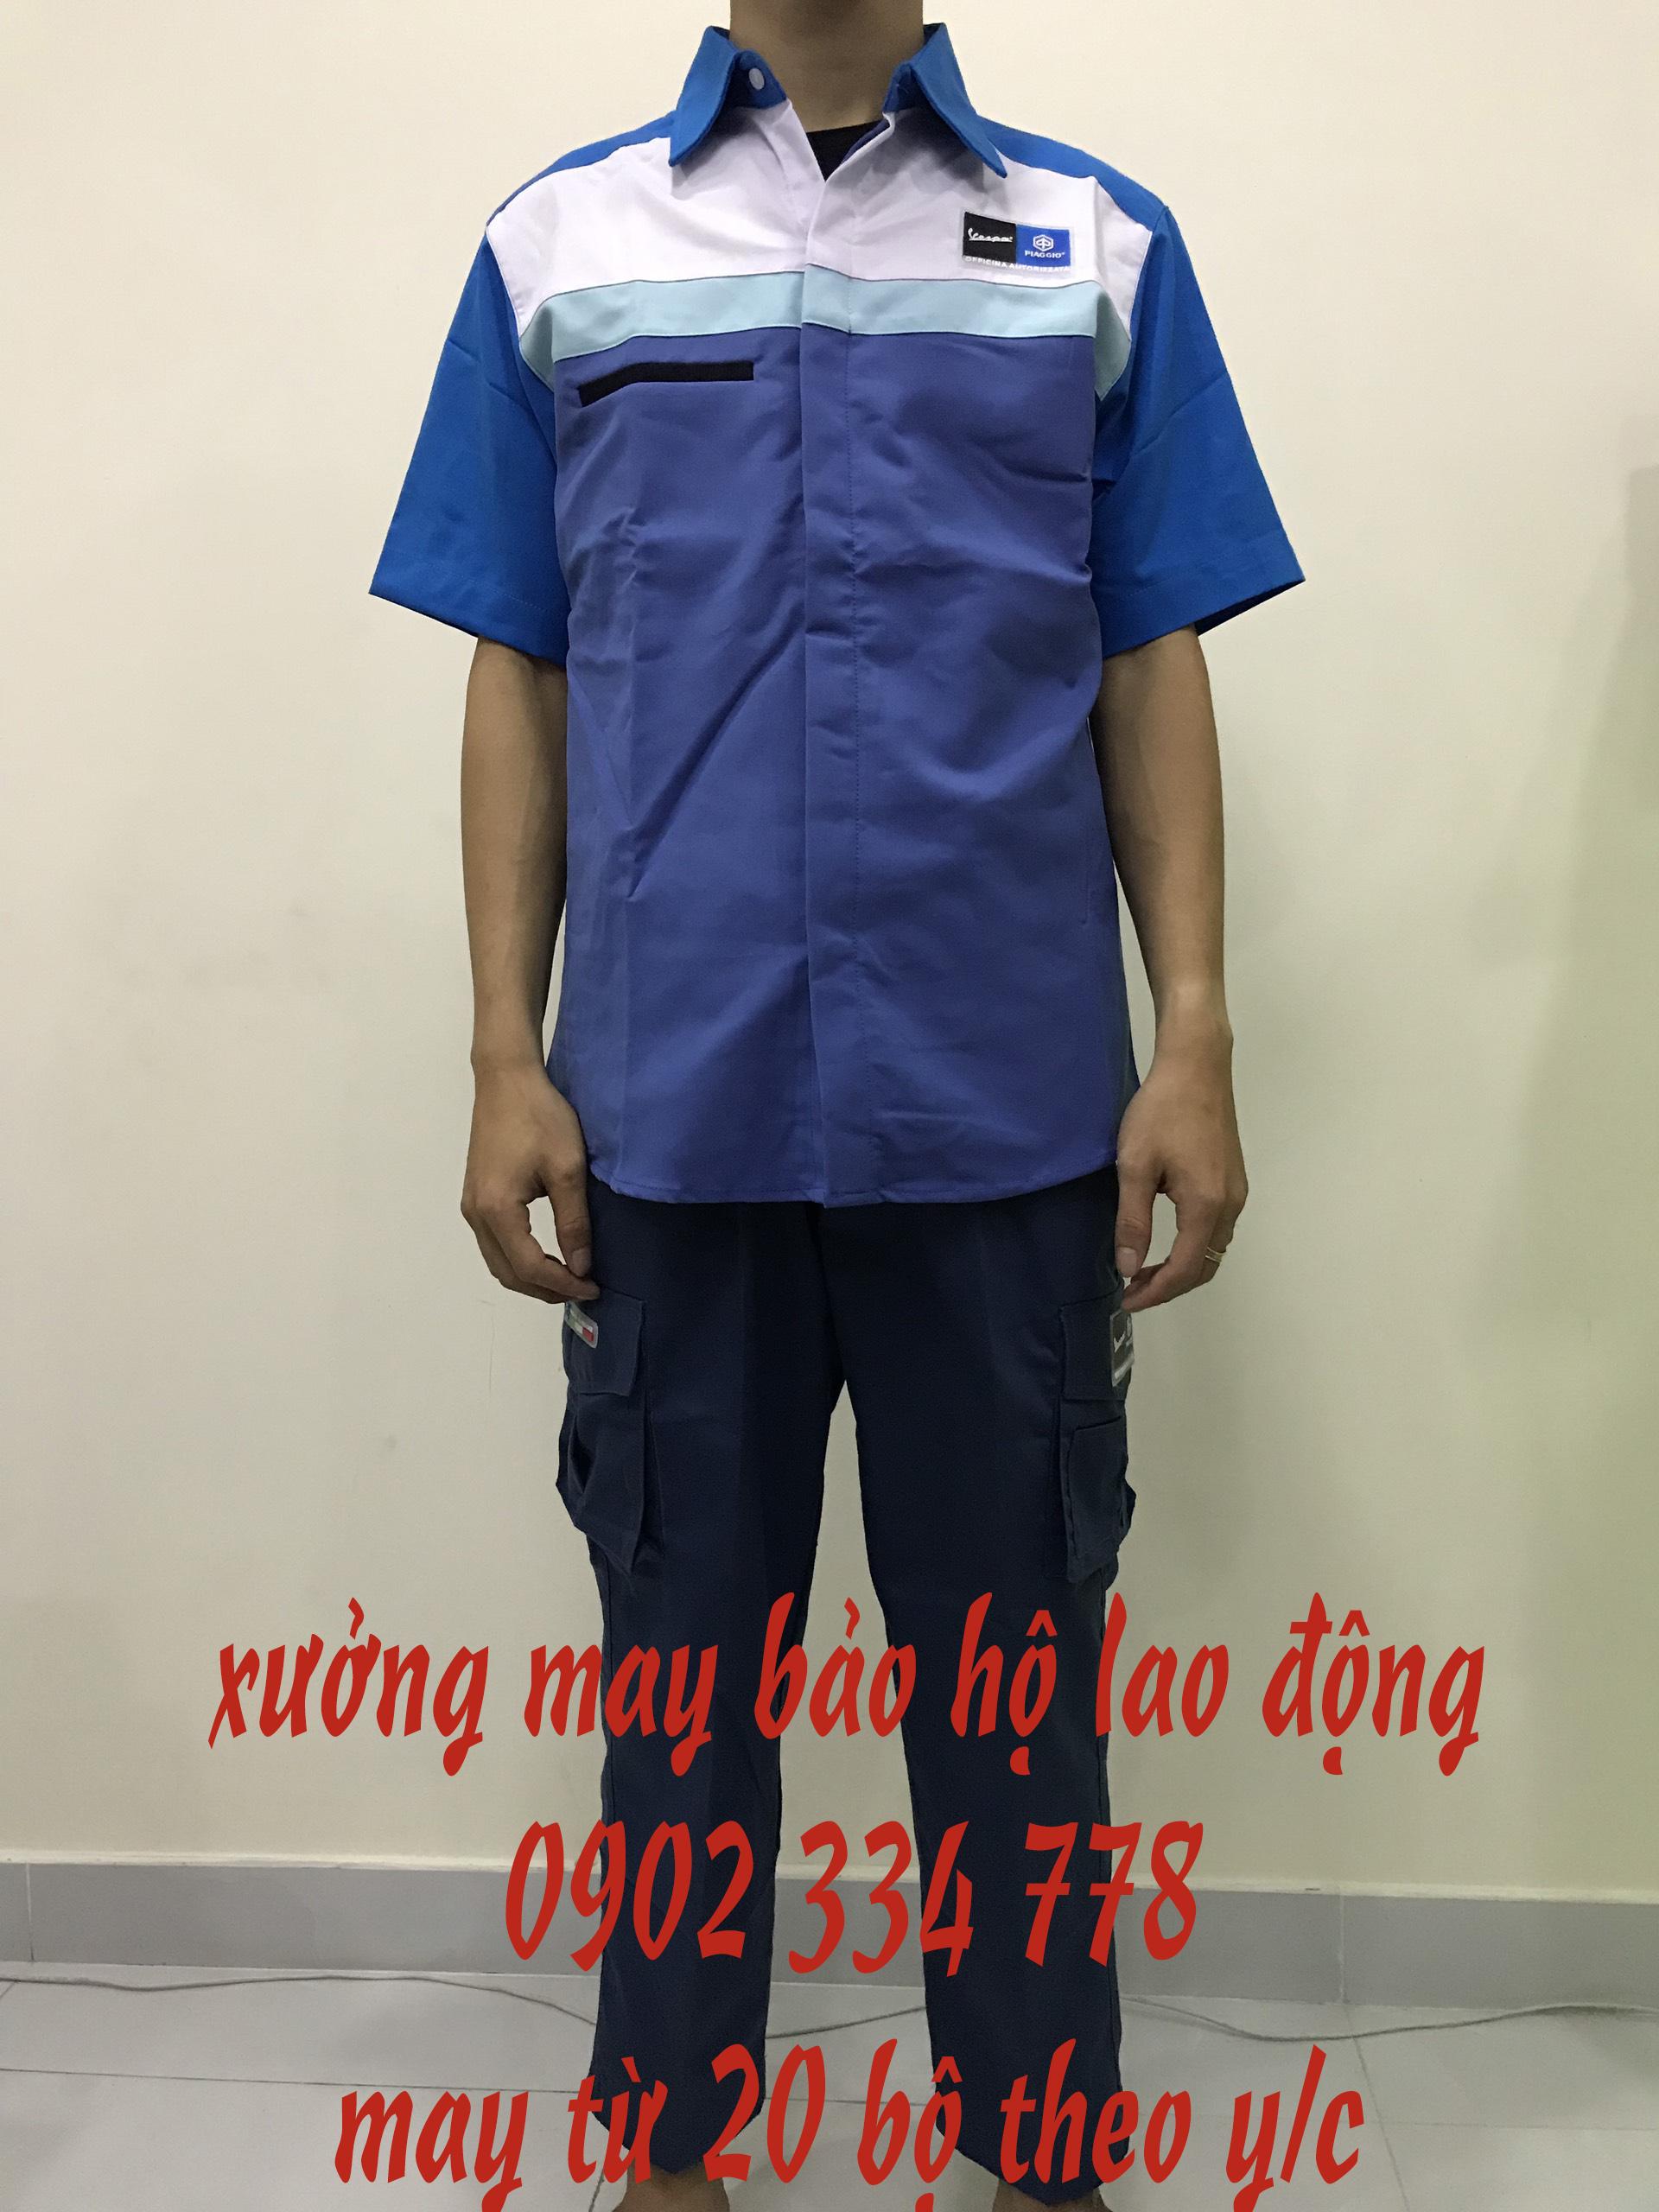 Nhận may gia công quần áo lao động theo yêu...